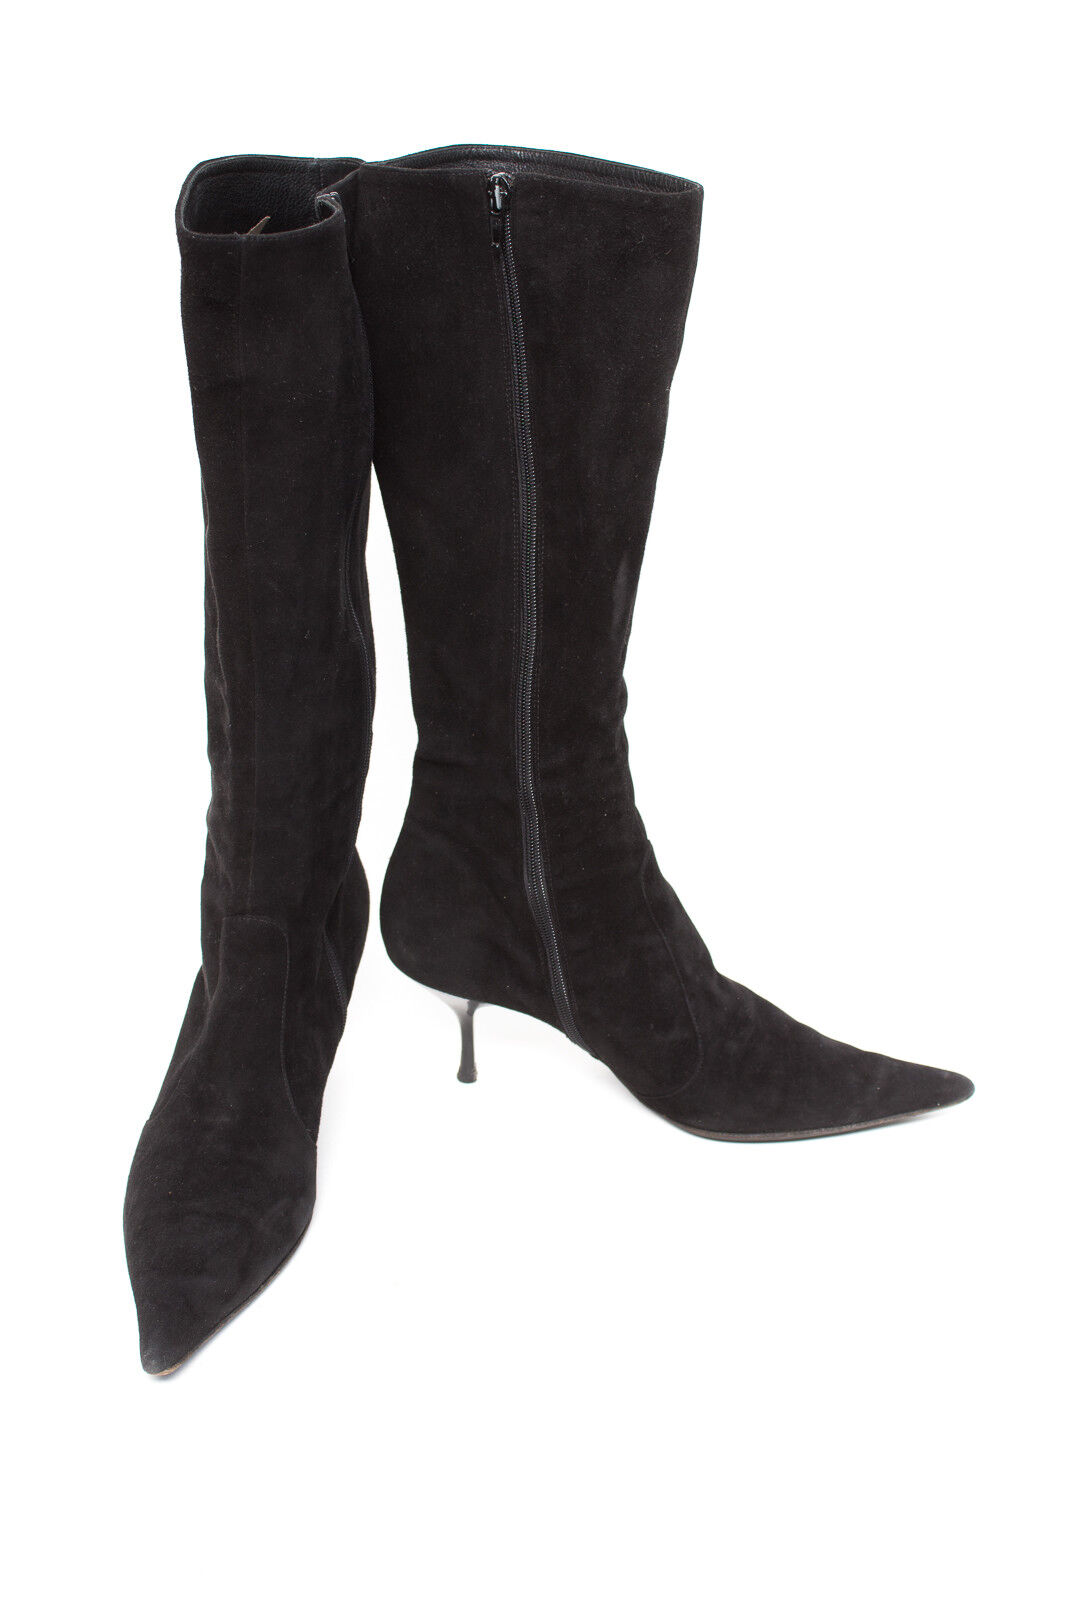 VERGELIO Damen Schuhe Stiefel Gr. EUR 40 Leder Schwarz